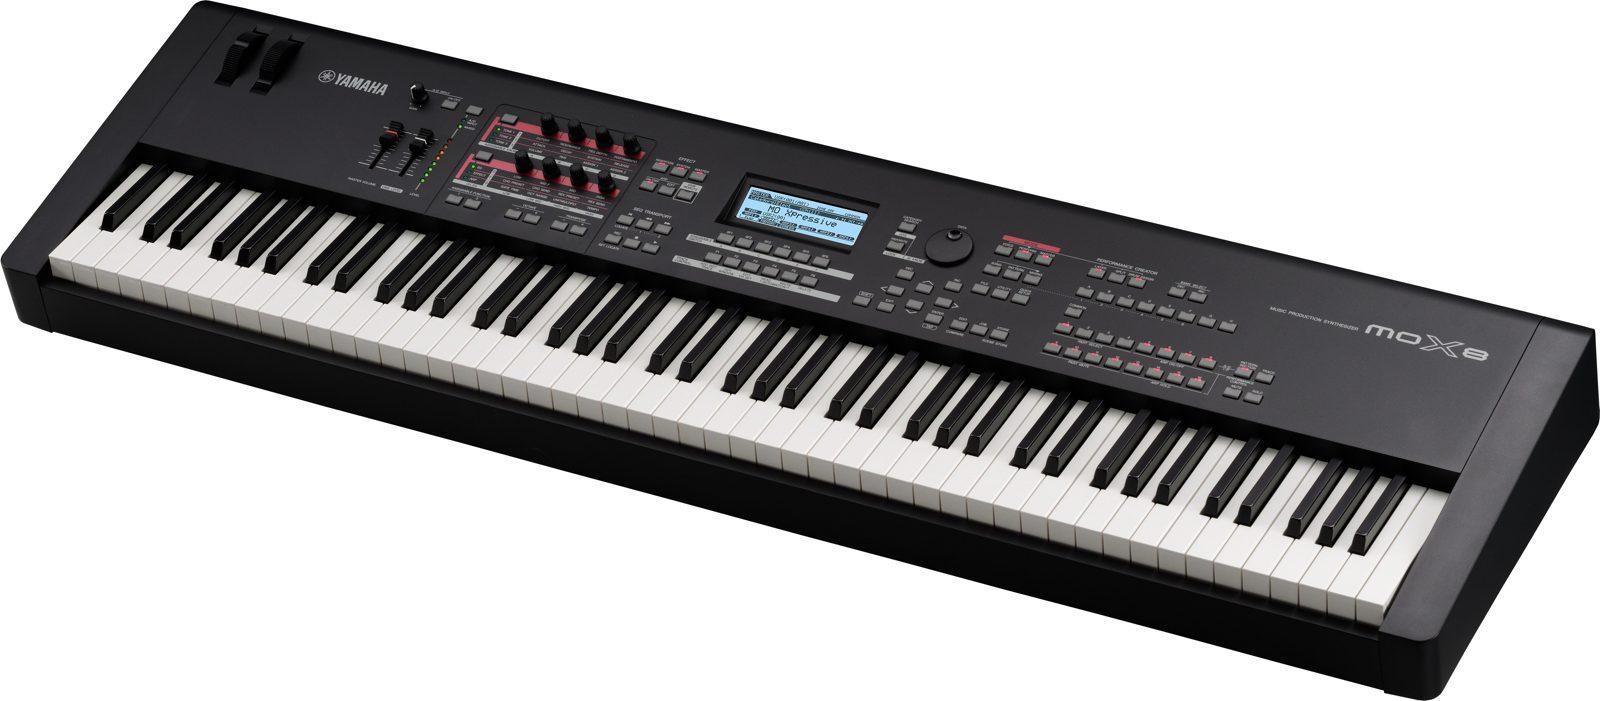 Yamaha Piano Record Usb